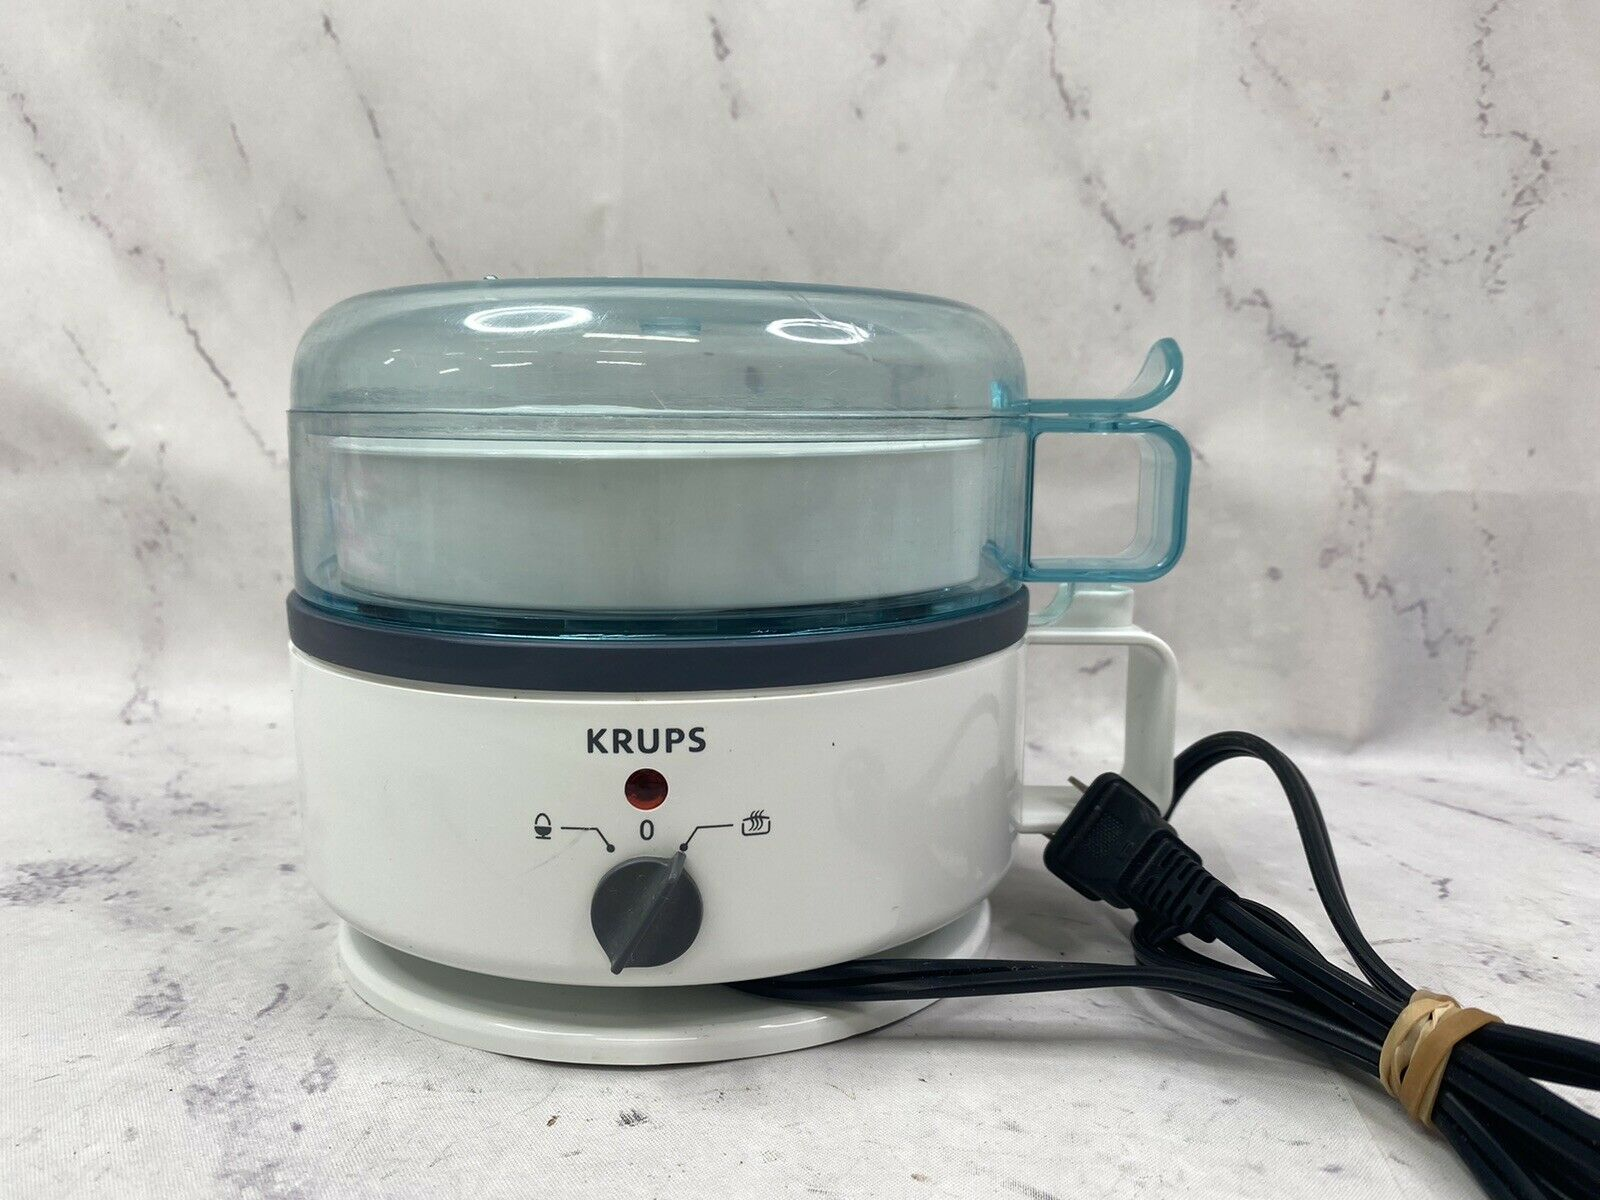 Krups Egg Express F230 Cooker Boiler Poacher 7 Eggs Hard Soft Boil